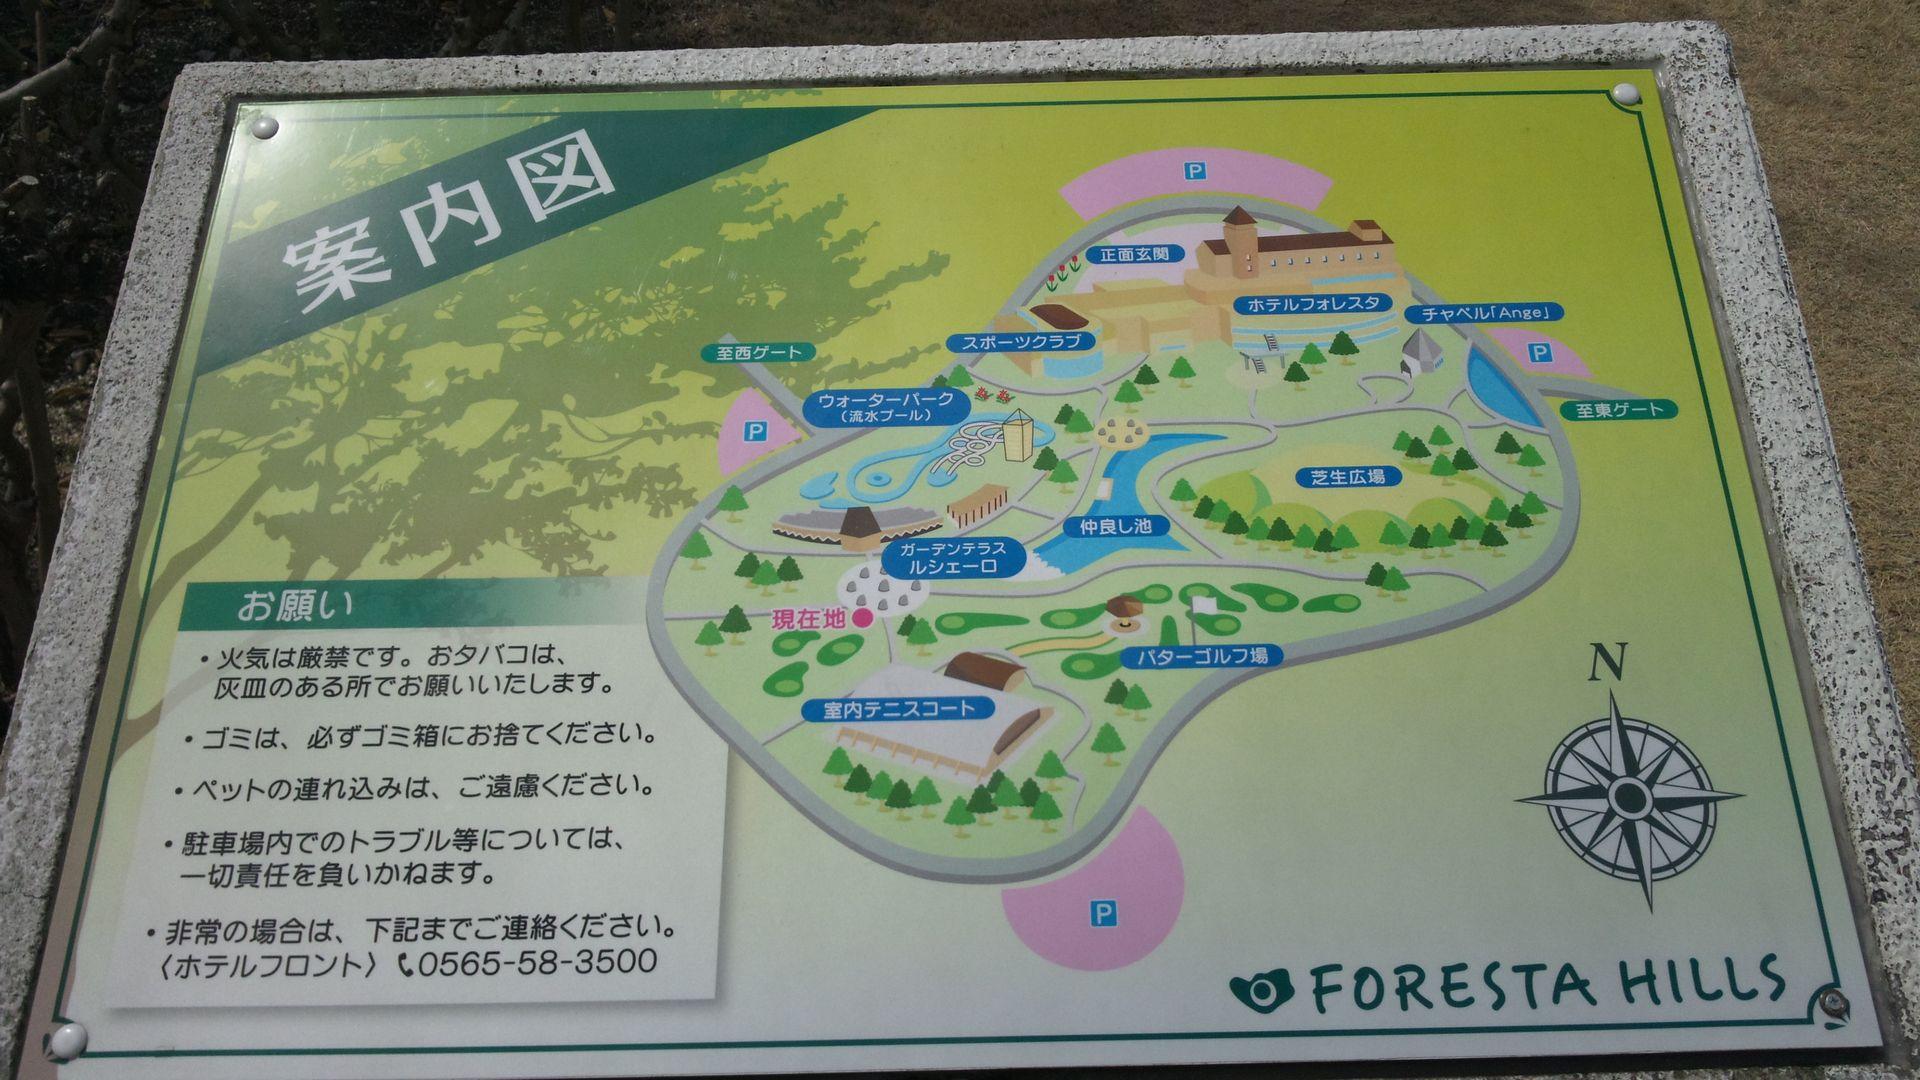 forestahills04.jpg